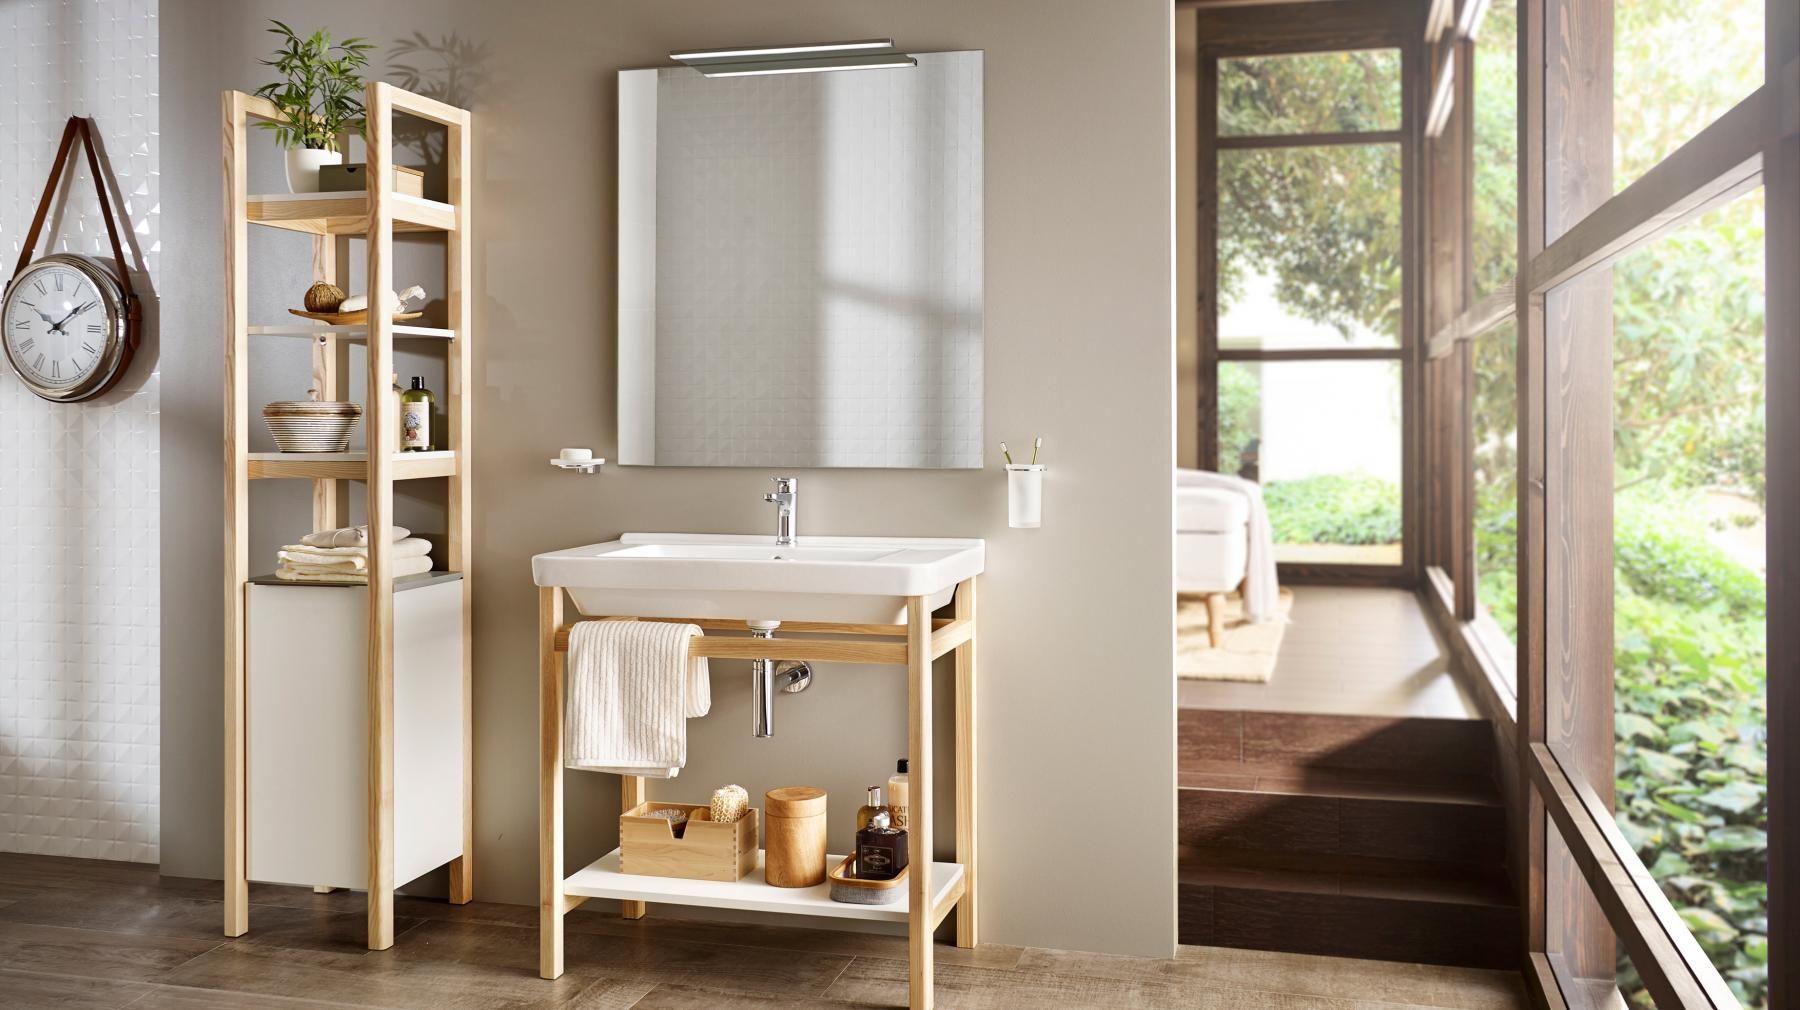 Hygge The Warmth Of A Nordic Style Bathroom Roca Life Salle De Bain Design Salle De Bain Intemporelle Salle De Bain